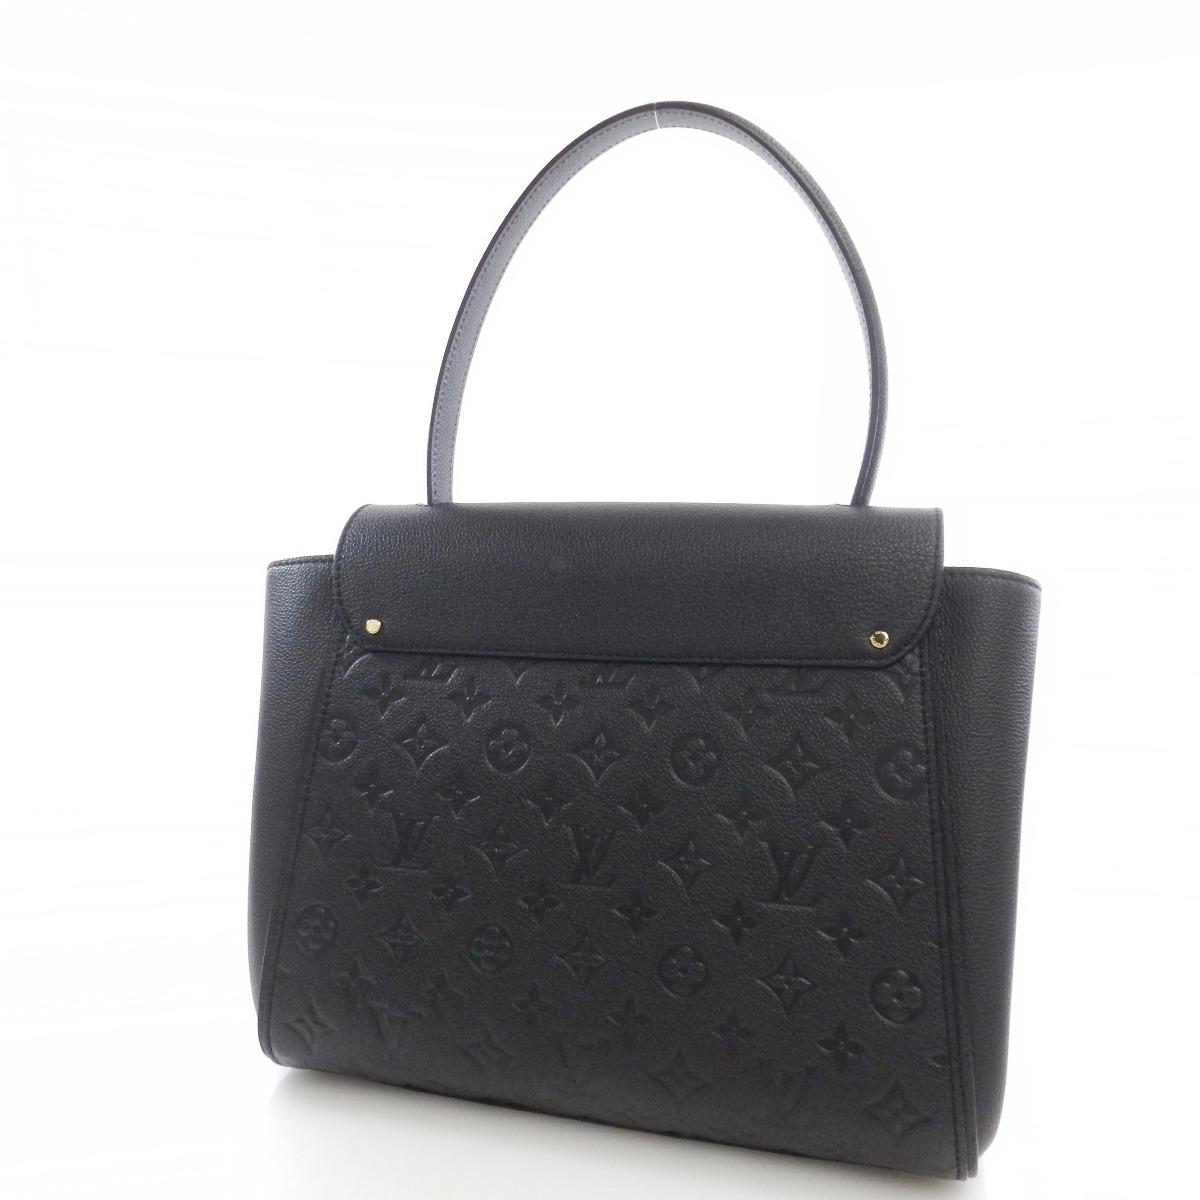 Authentic LOUIS VUITTON  Trocadero M50439 Handbag Empreinte